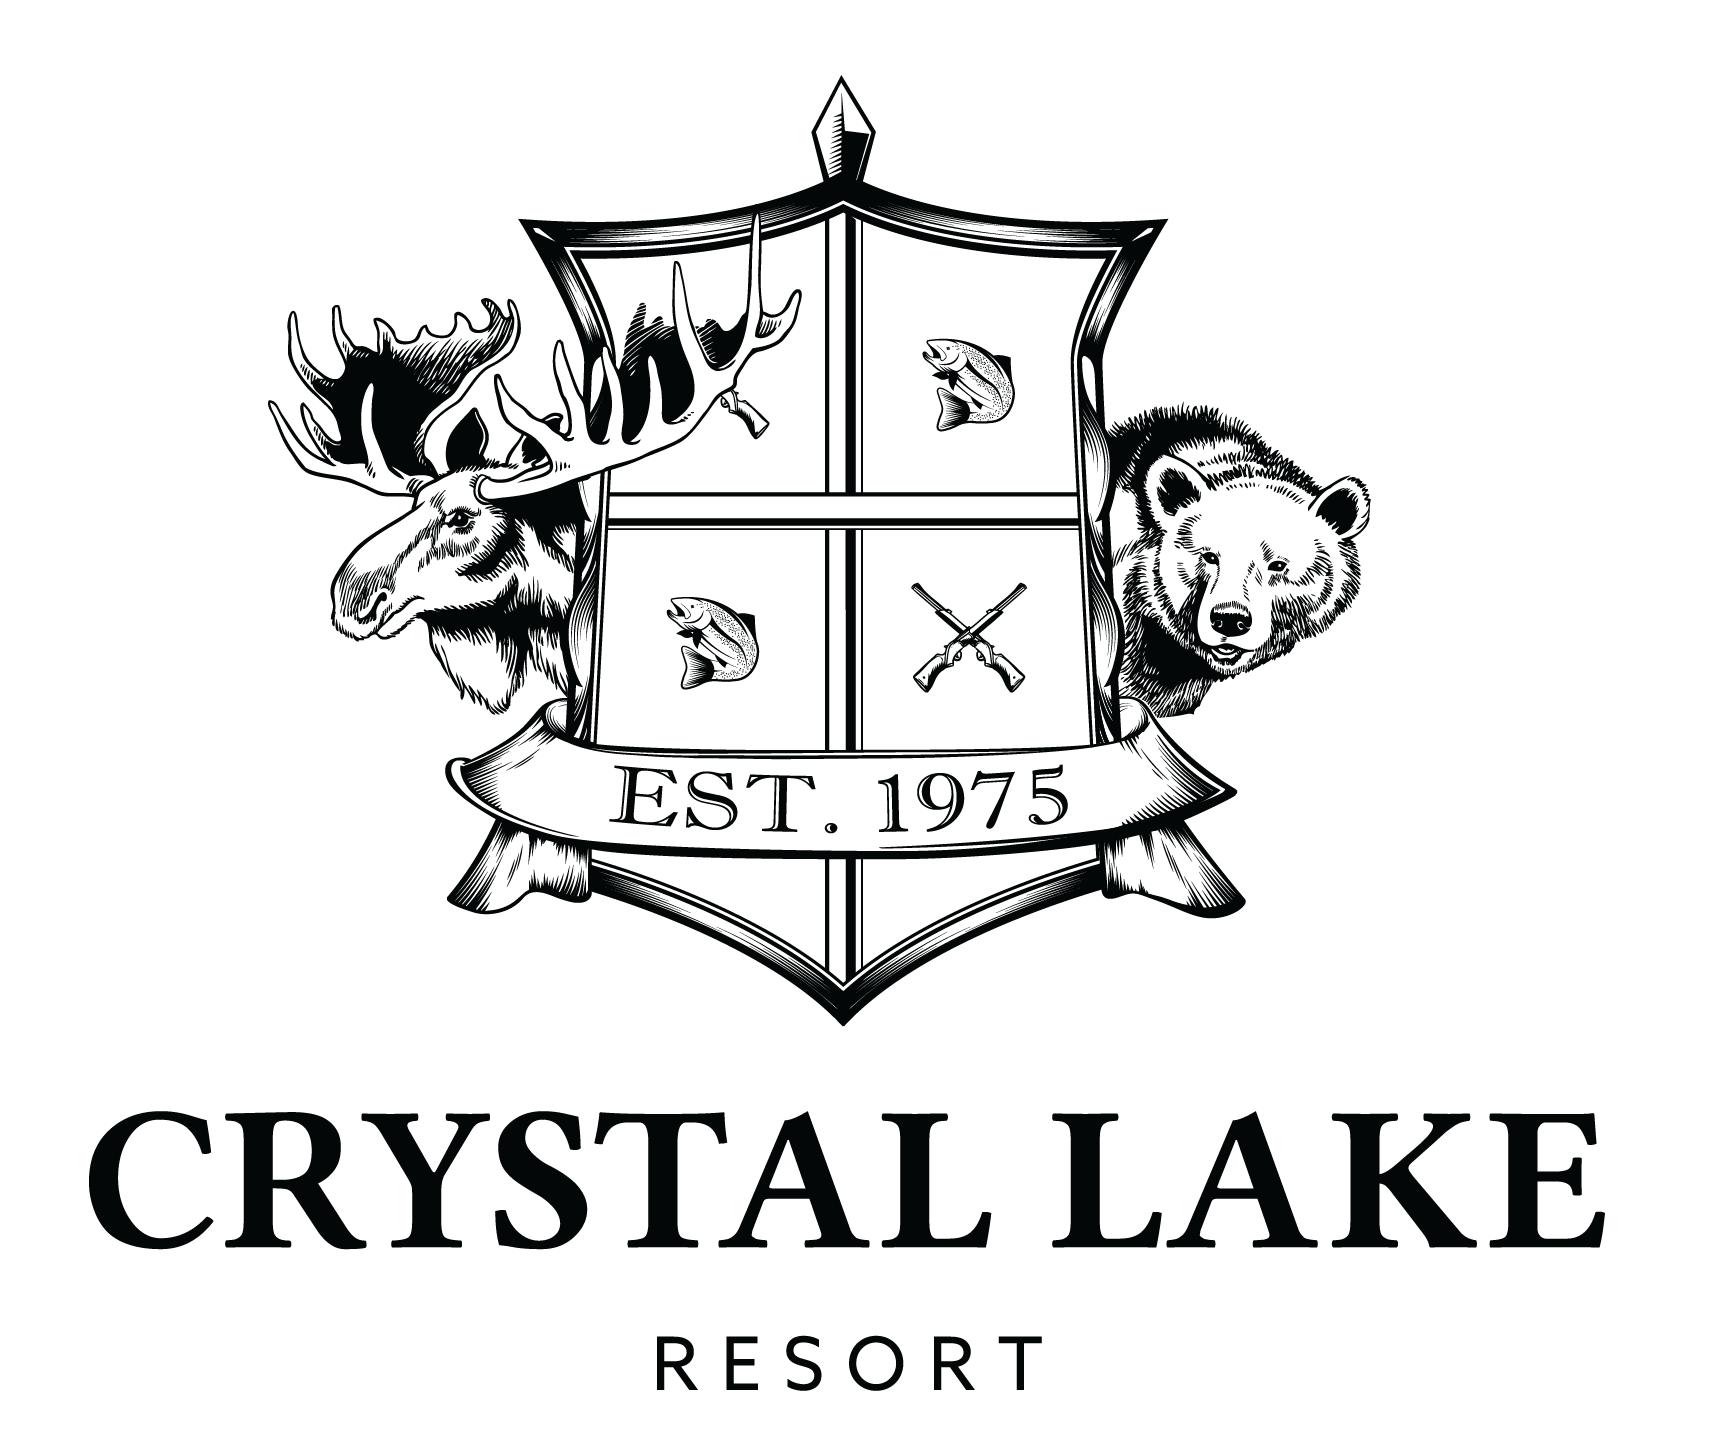 logo-black-crystallake.png